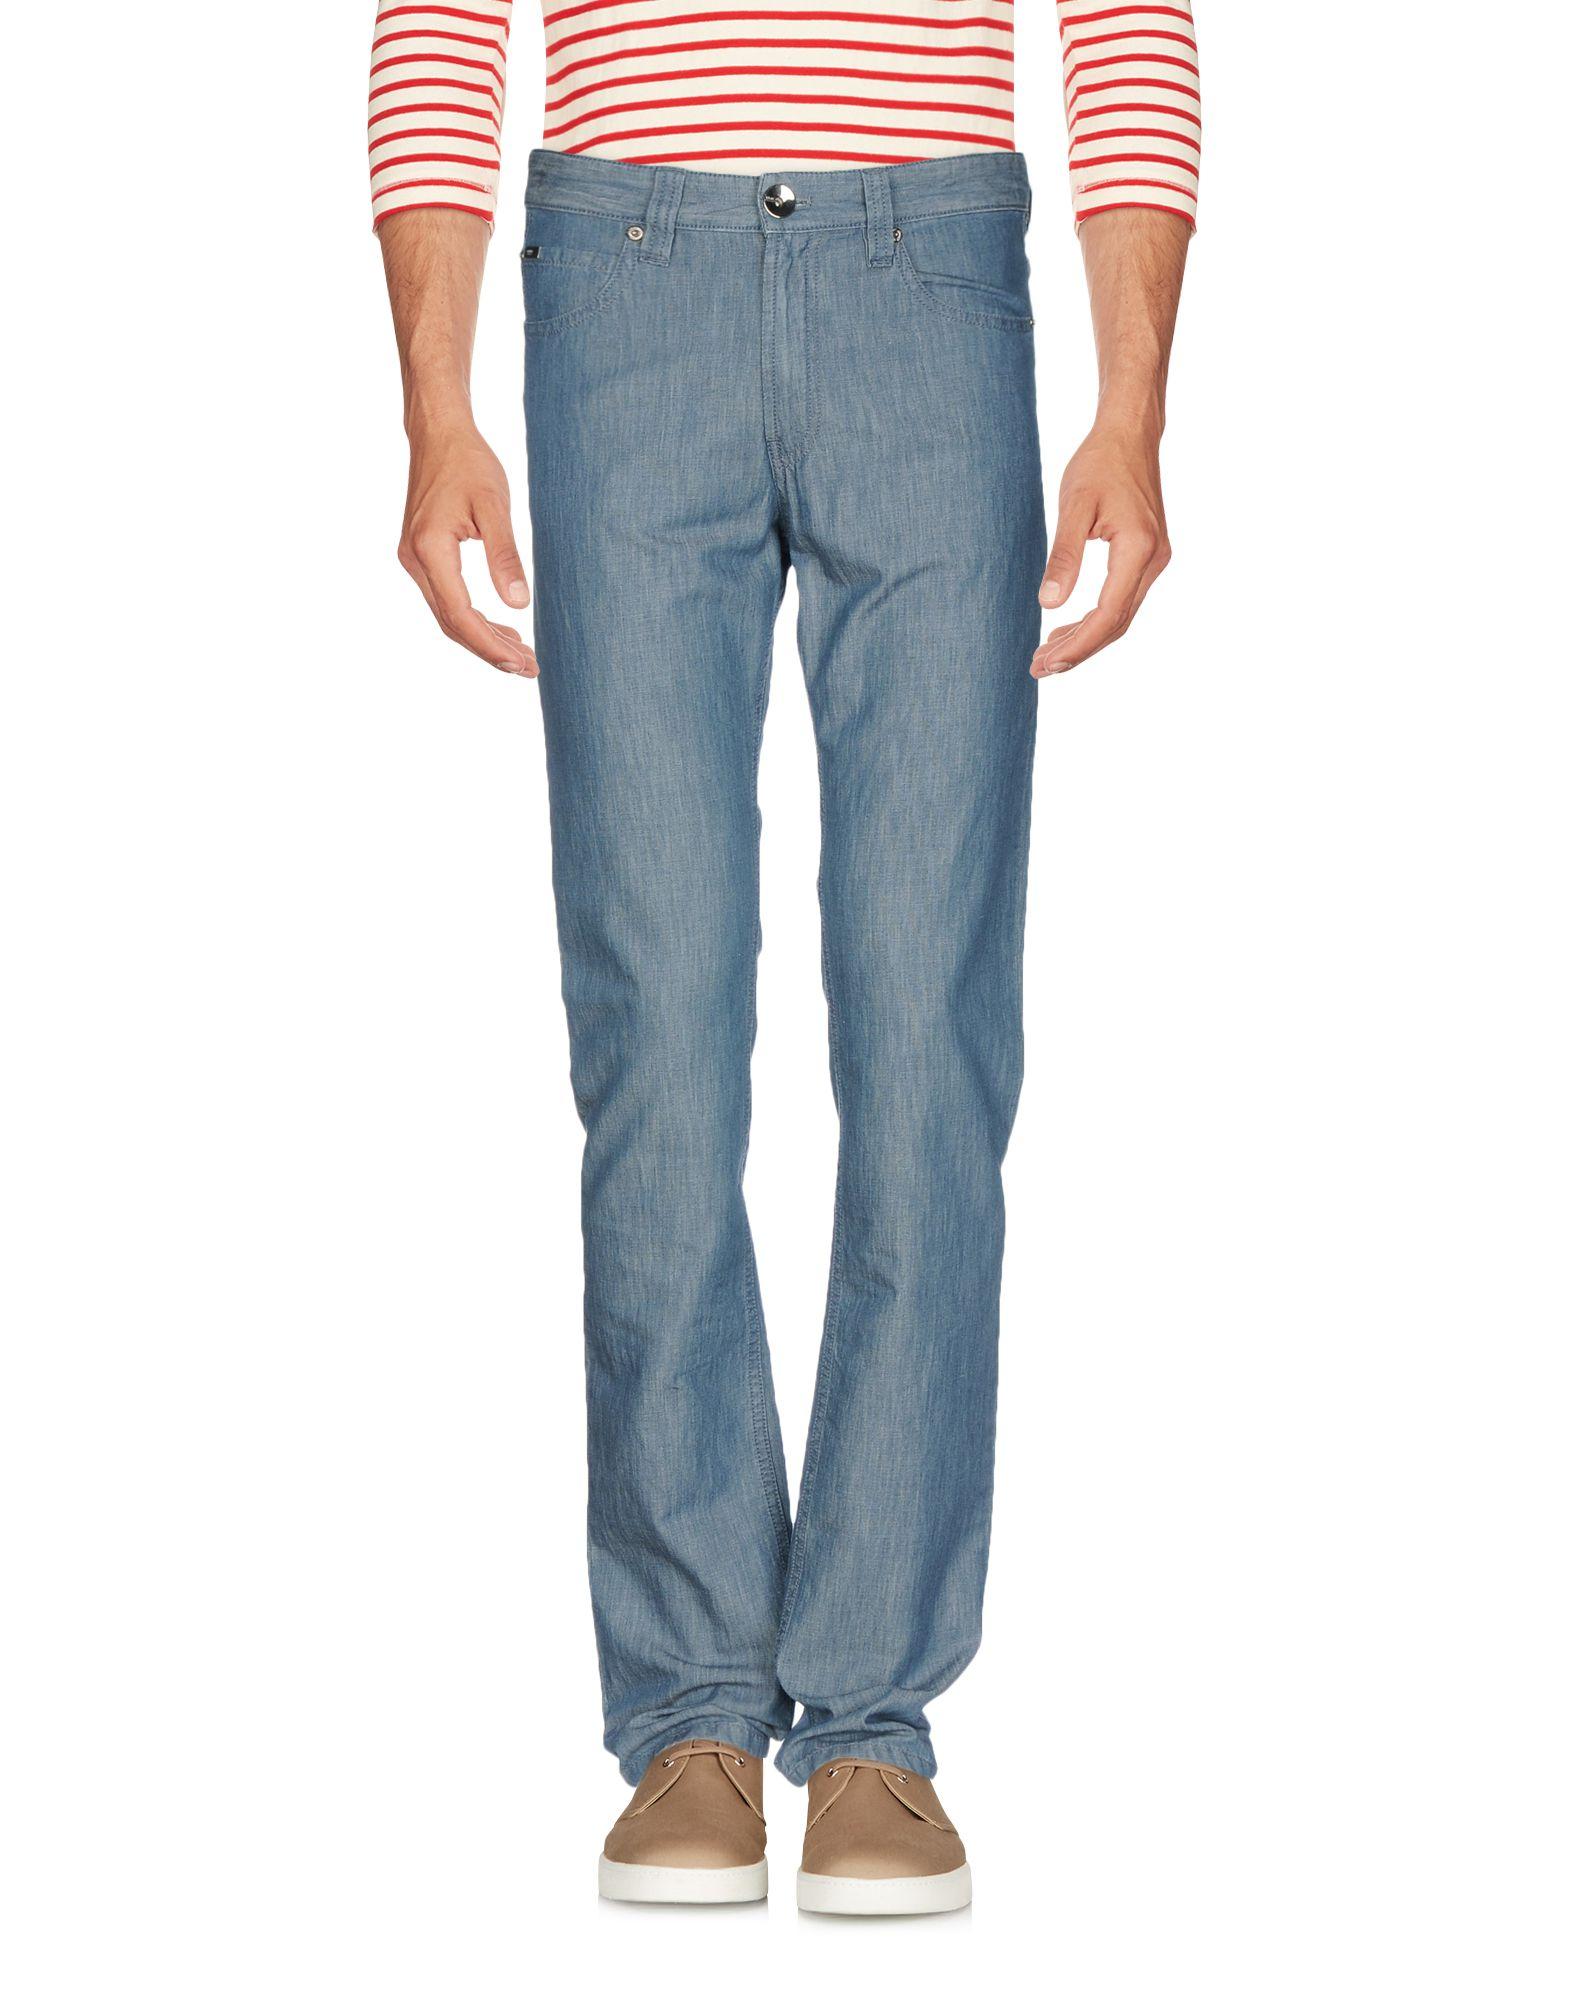 Pantaloni Jeans Armani Collezioni Uomo - Acquista online su